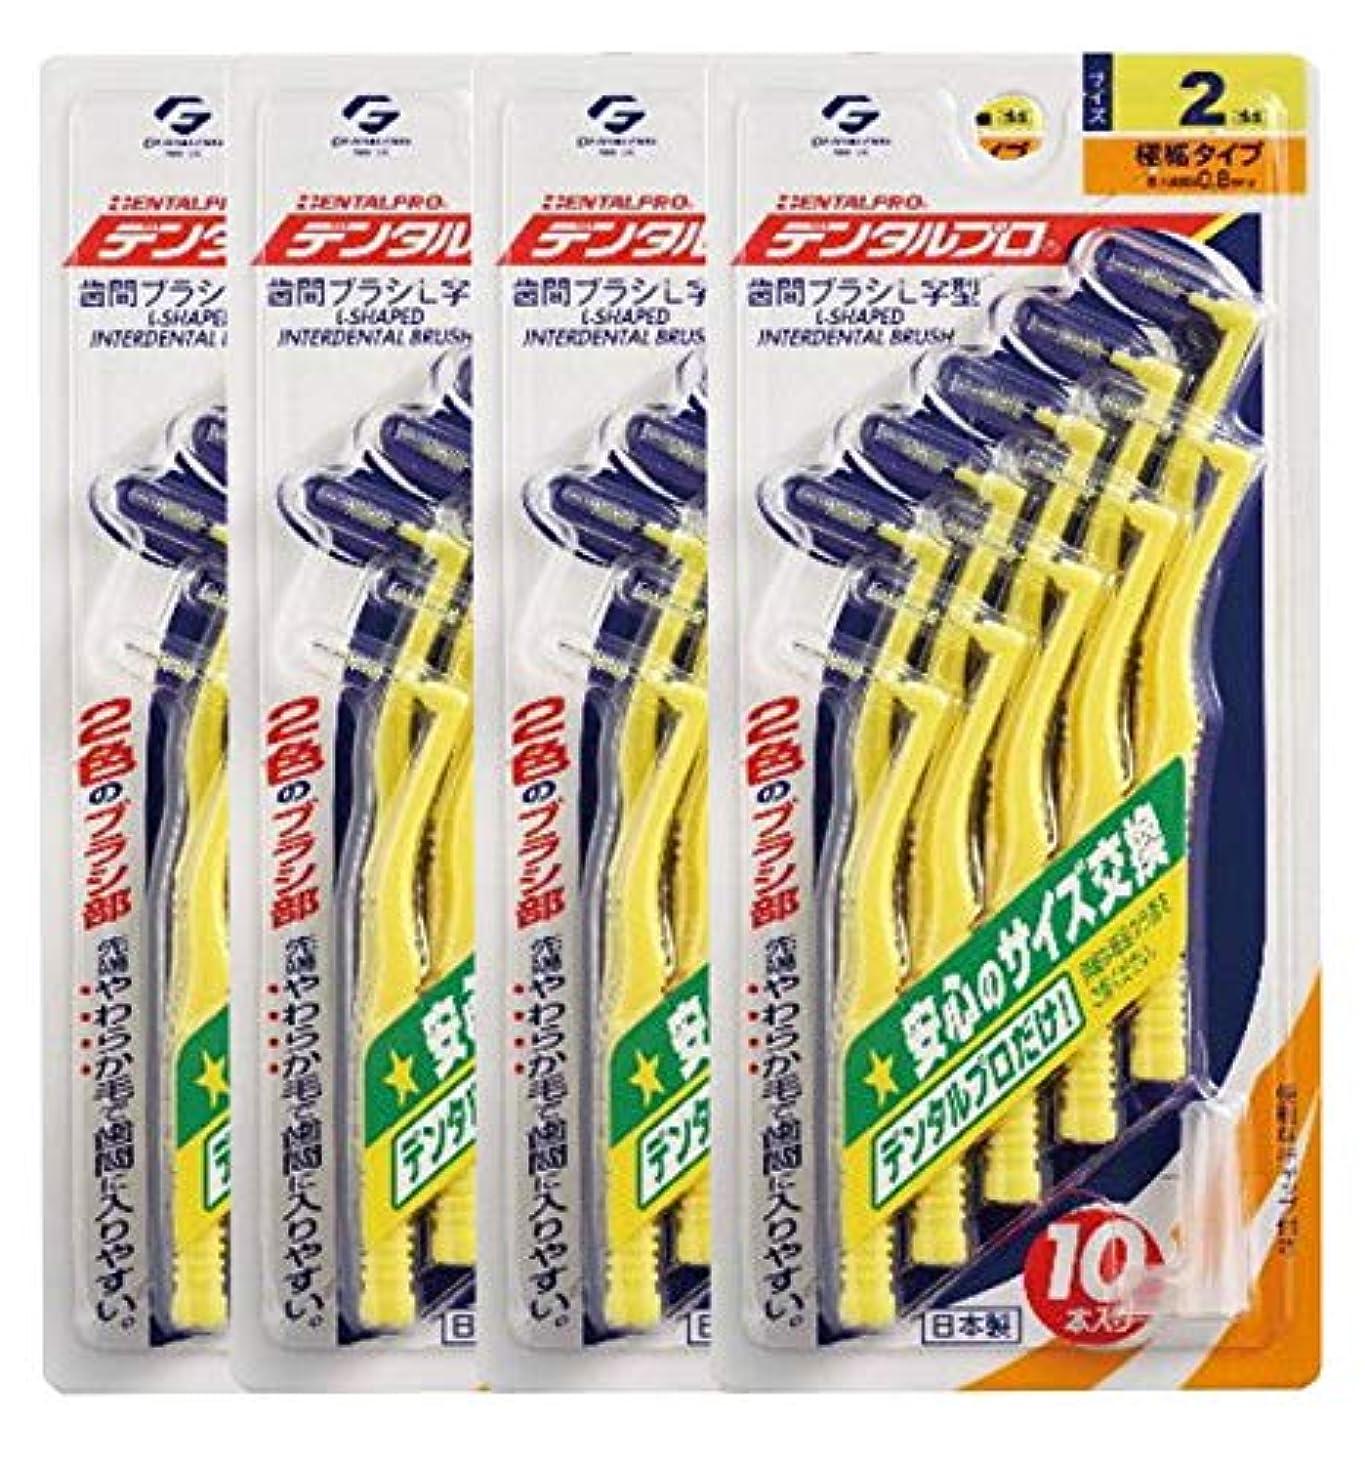 拾う正確さただデンタルプロ 歯間ブラシ L字型 10本入 サイズ 2 (SS) × 4個セット